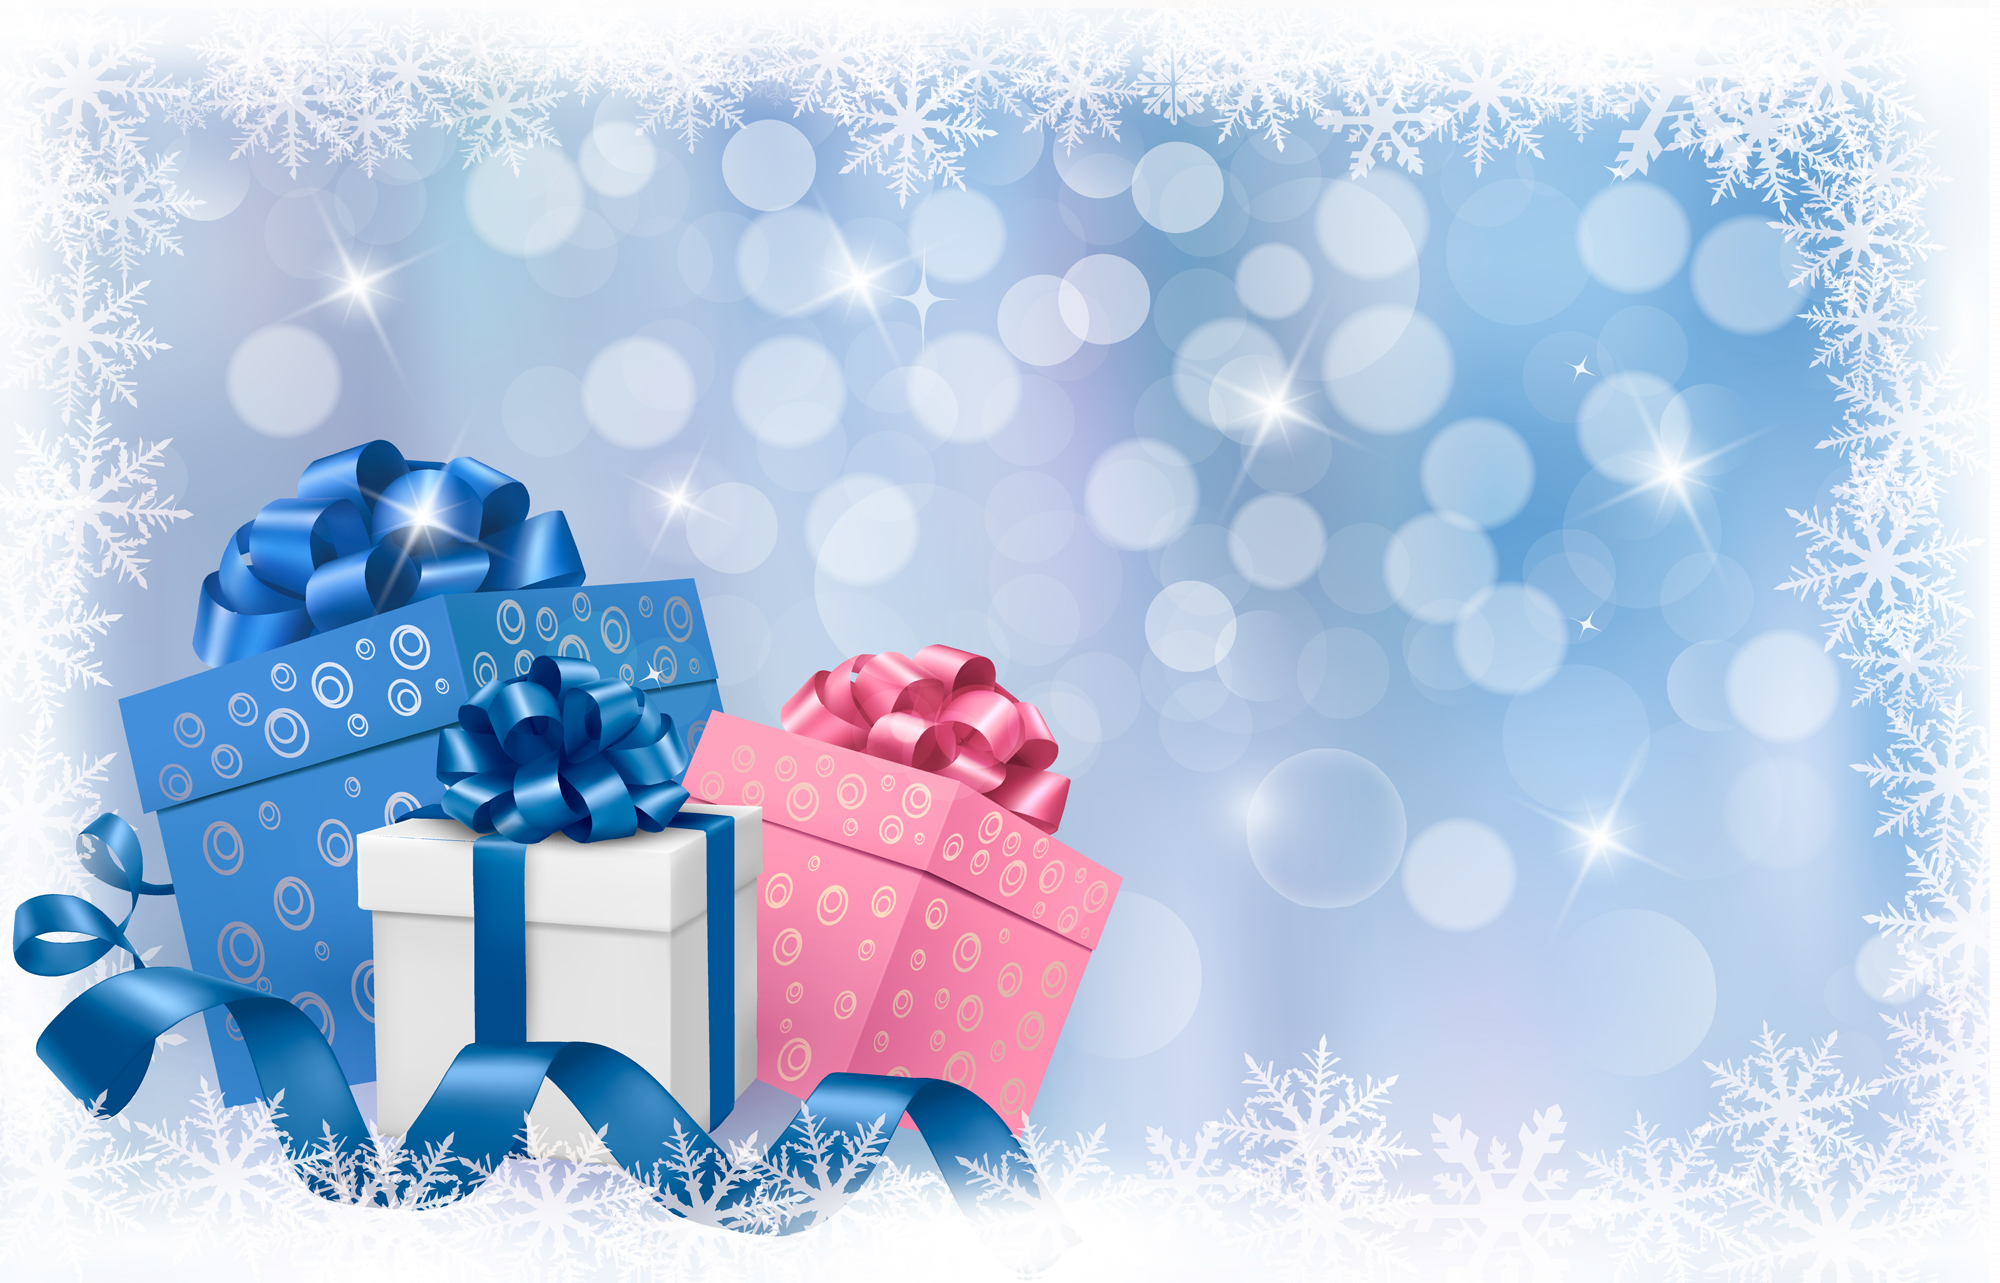 Новогодняя открытка большое разрешение с днем рождения, пятница картинки красивые